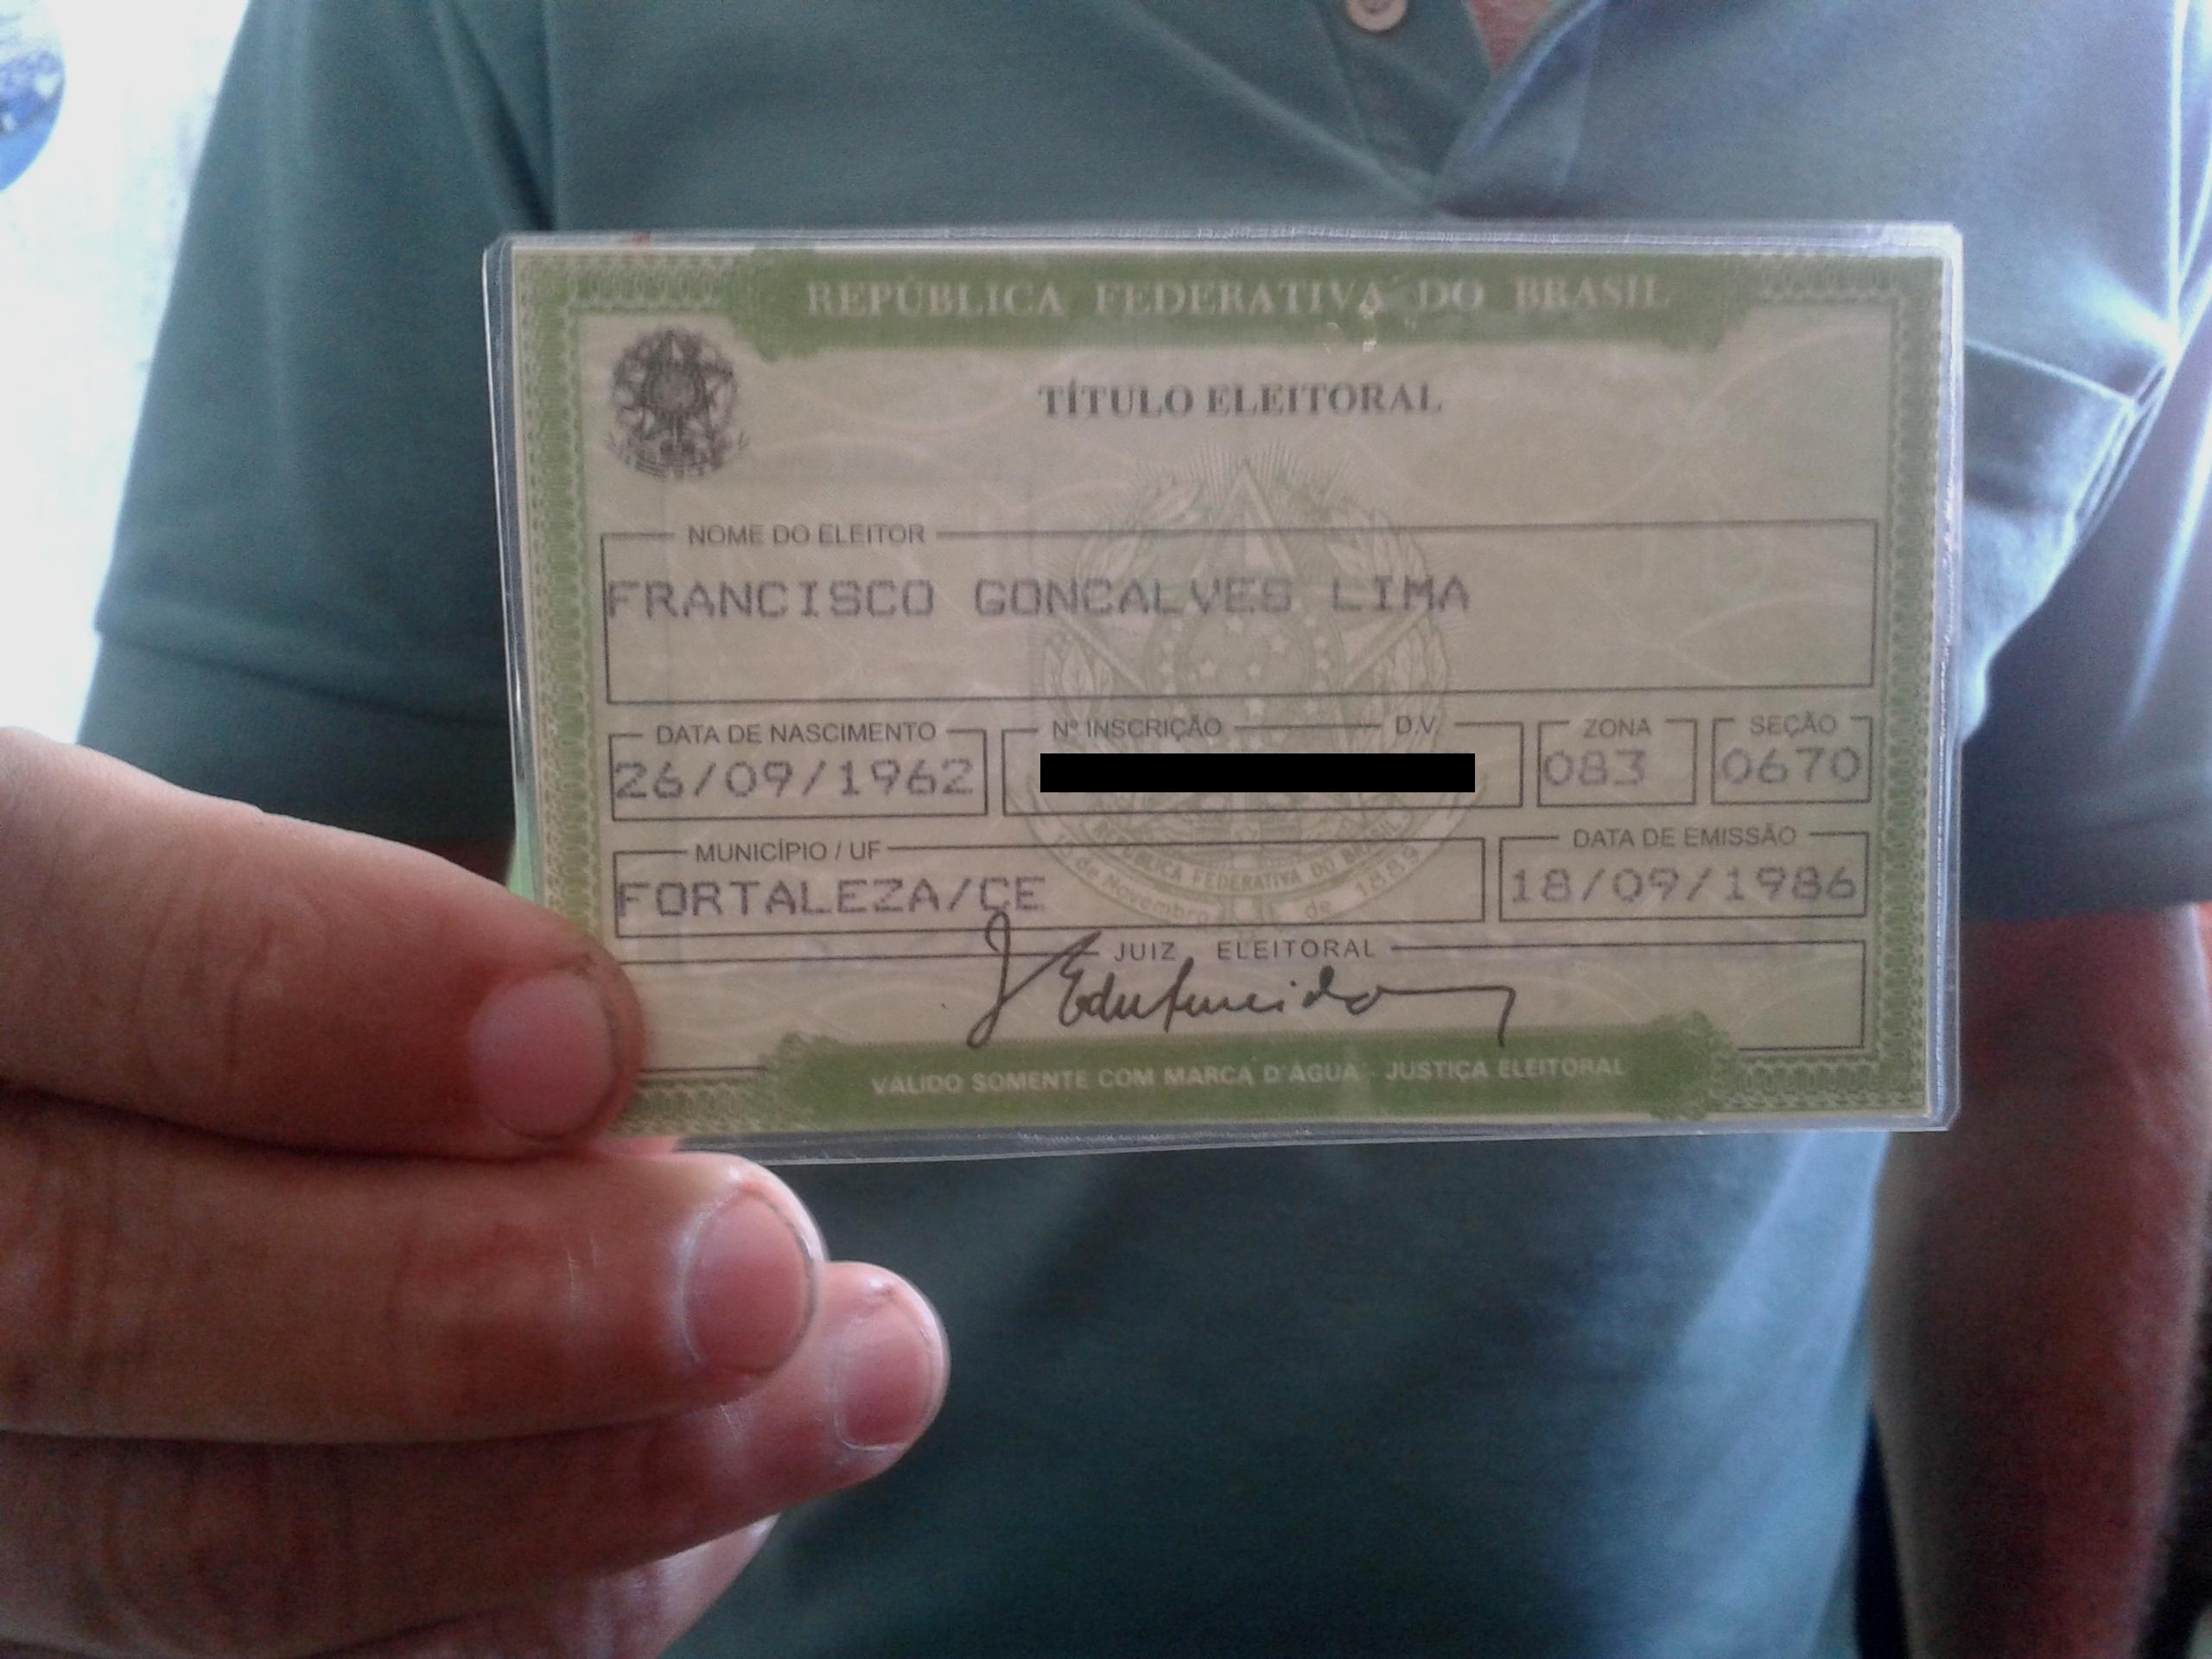 Francisco Gonçalves não pôde registrar seu voto (FOTO: FRAN LIMA)